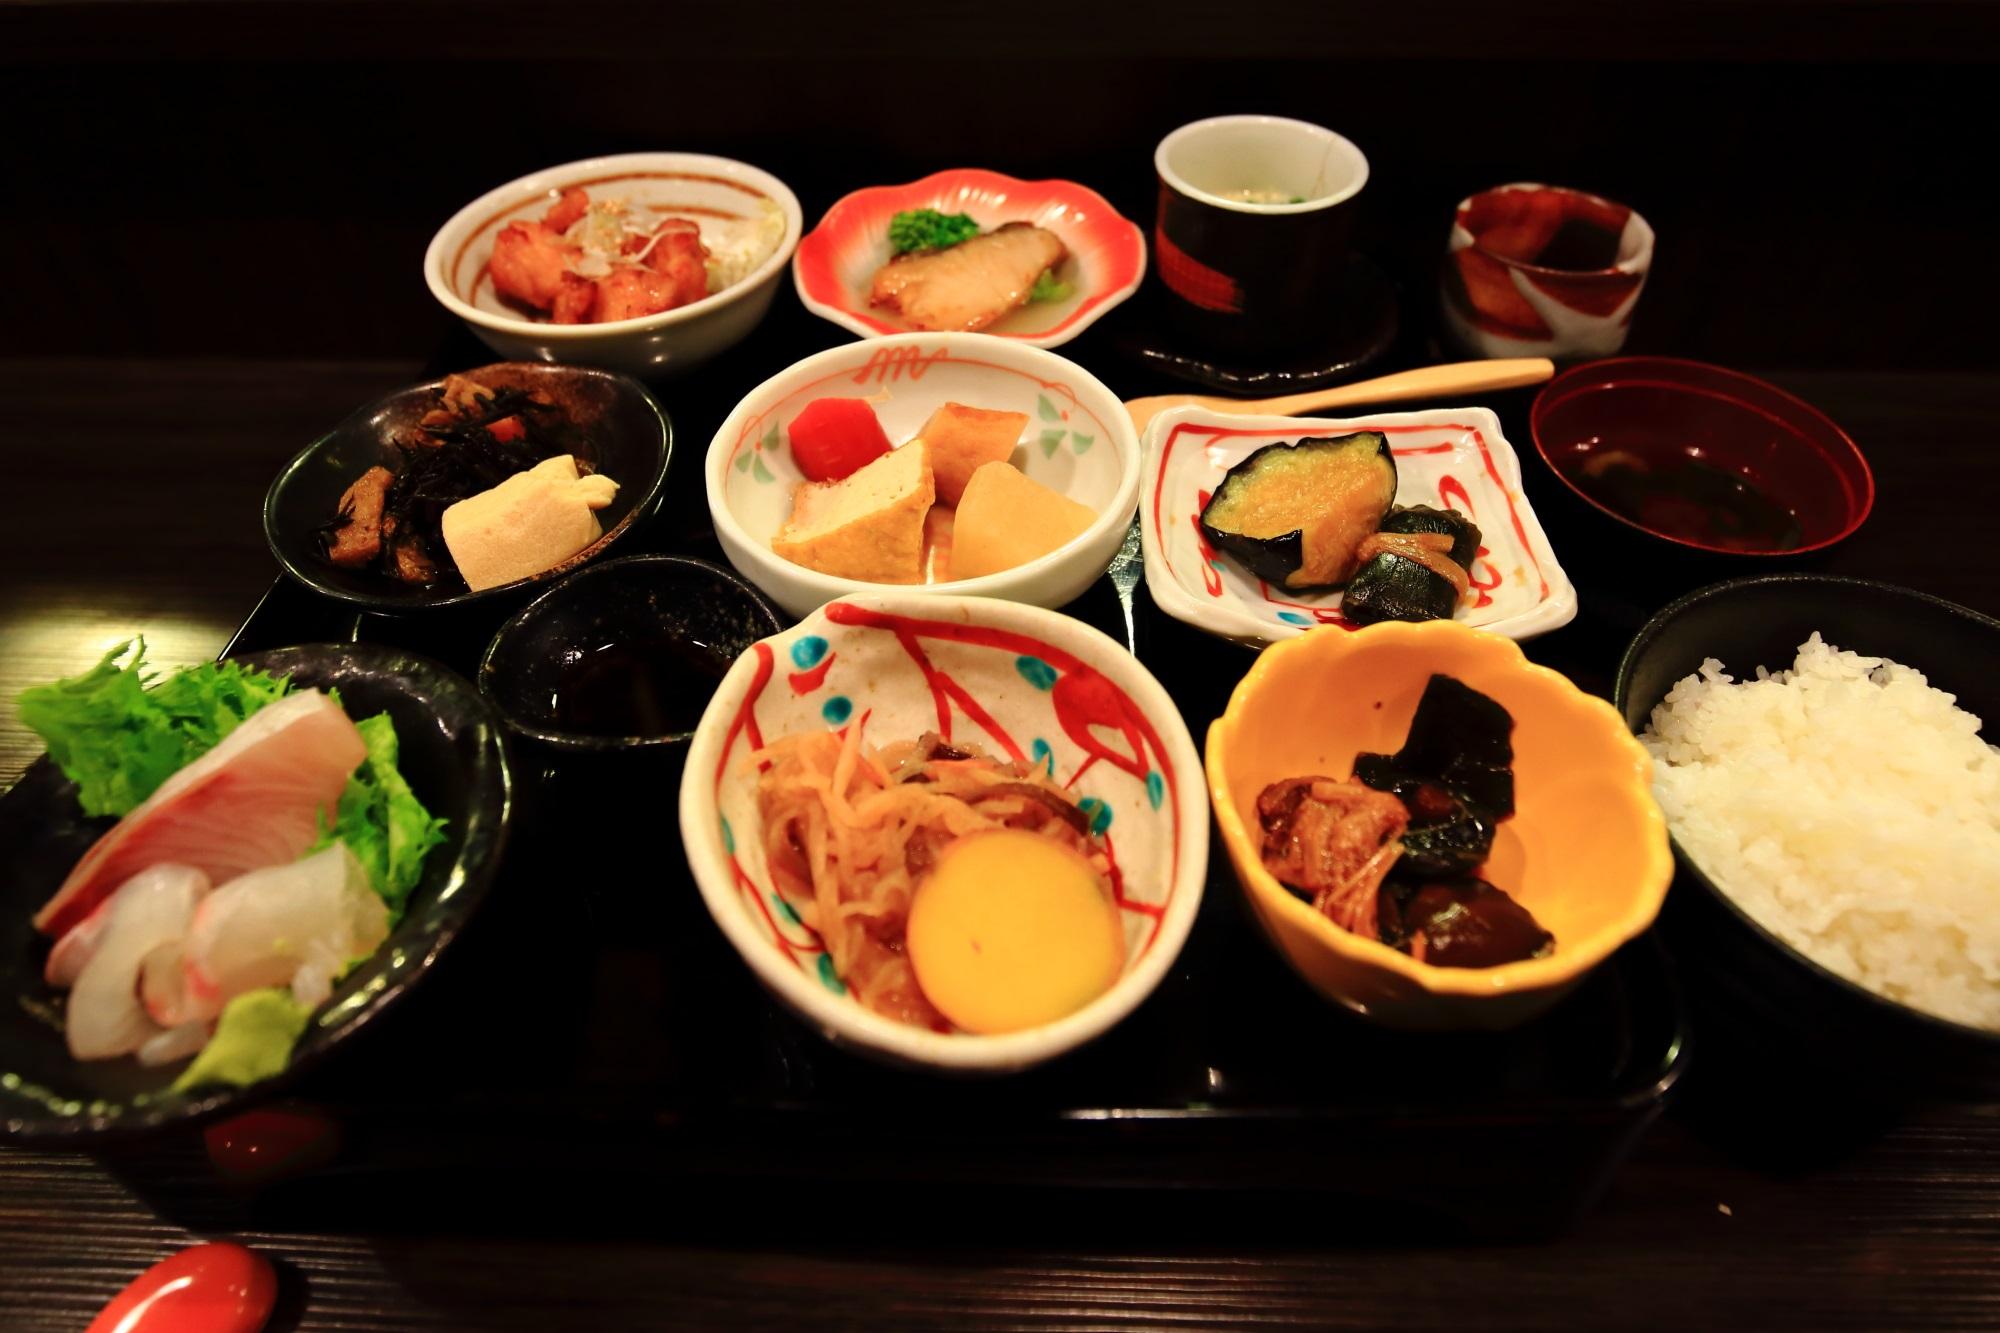 御幸町の美味しいお米と京野菜のおばんざいのおくどはん